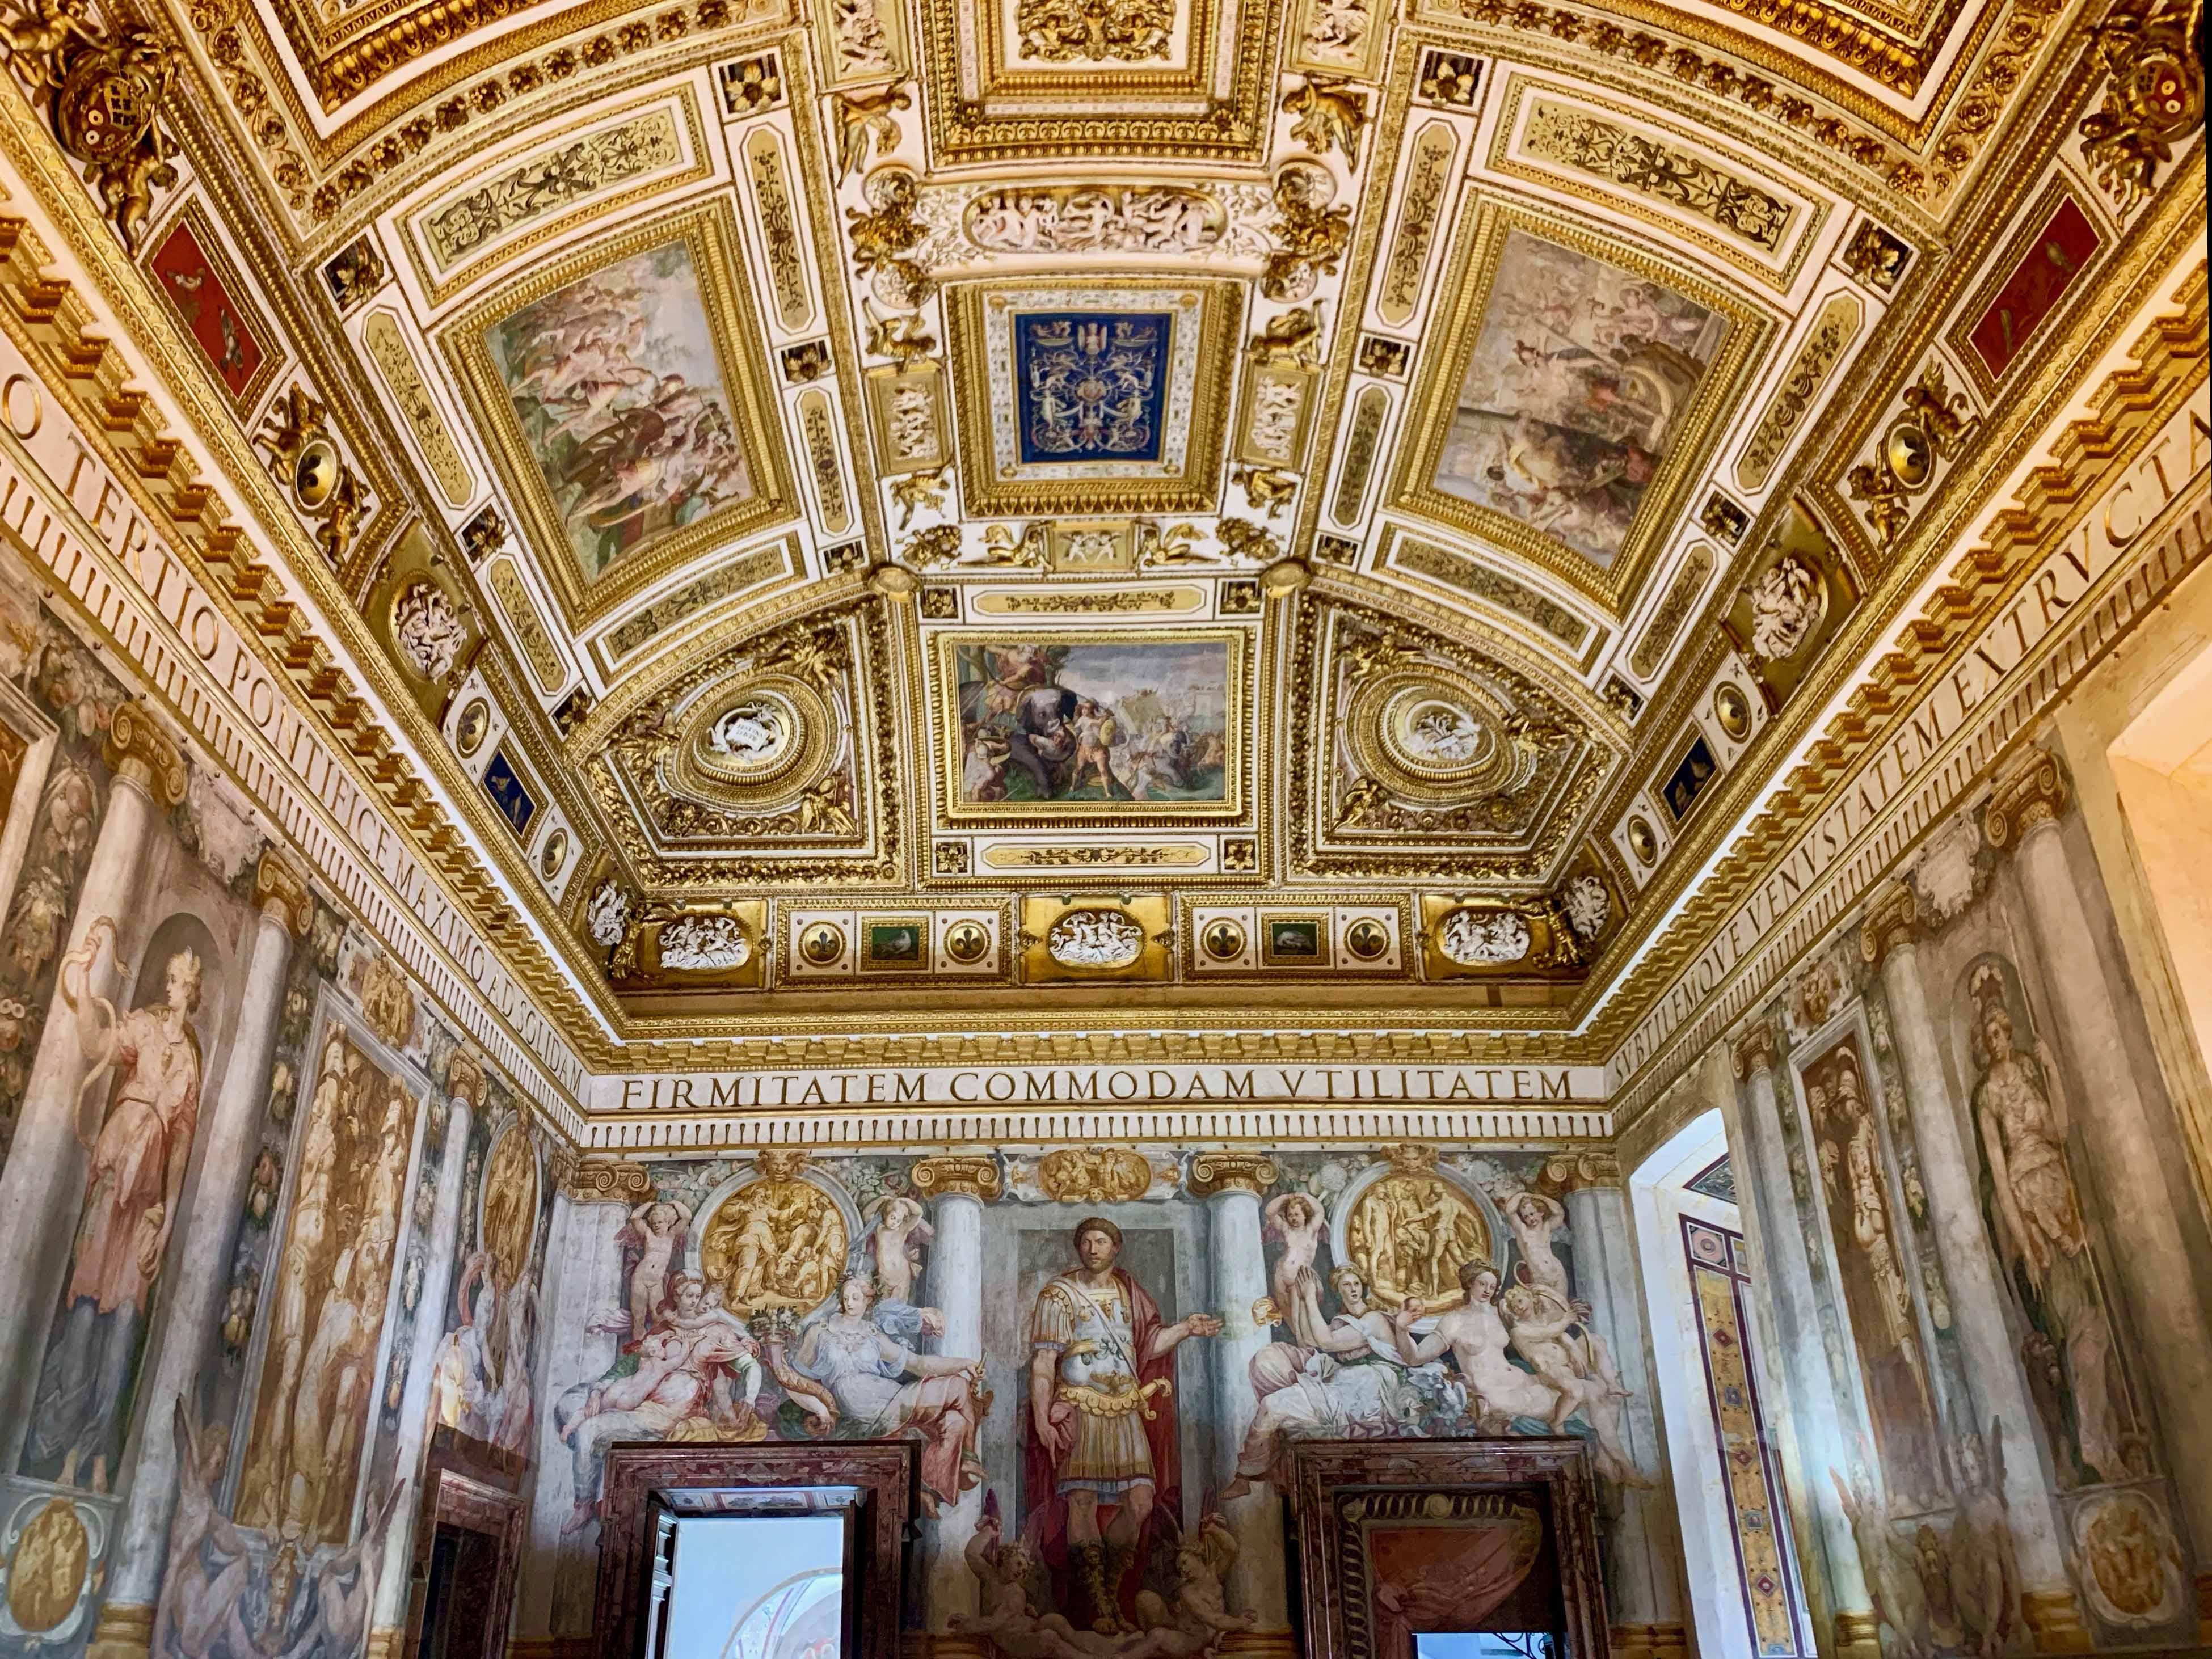 サンタンジェロ城は国立サンタンジェロ博物館となっていて、豪華なフラスコ画が描かれた16世紀に使われた教皇の部屋などを見学することができます